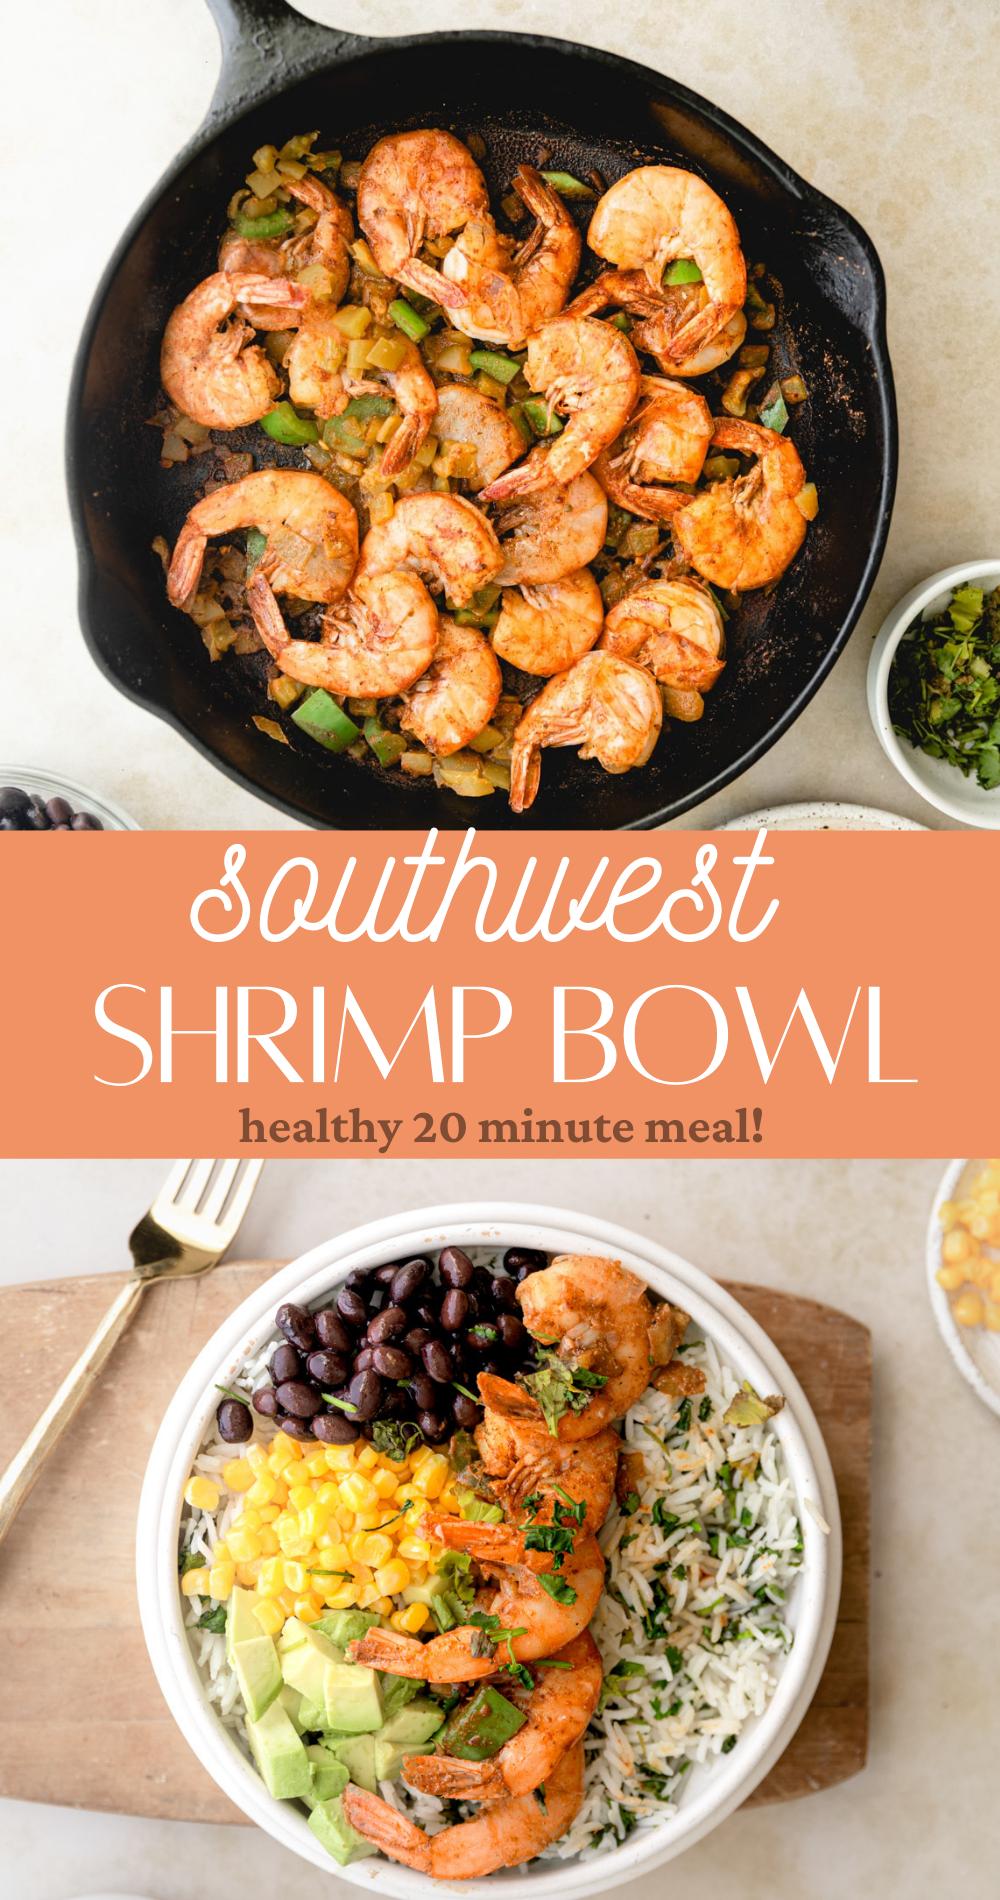 southwest shrimp bowl pin image